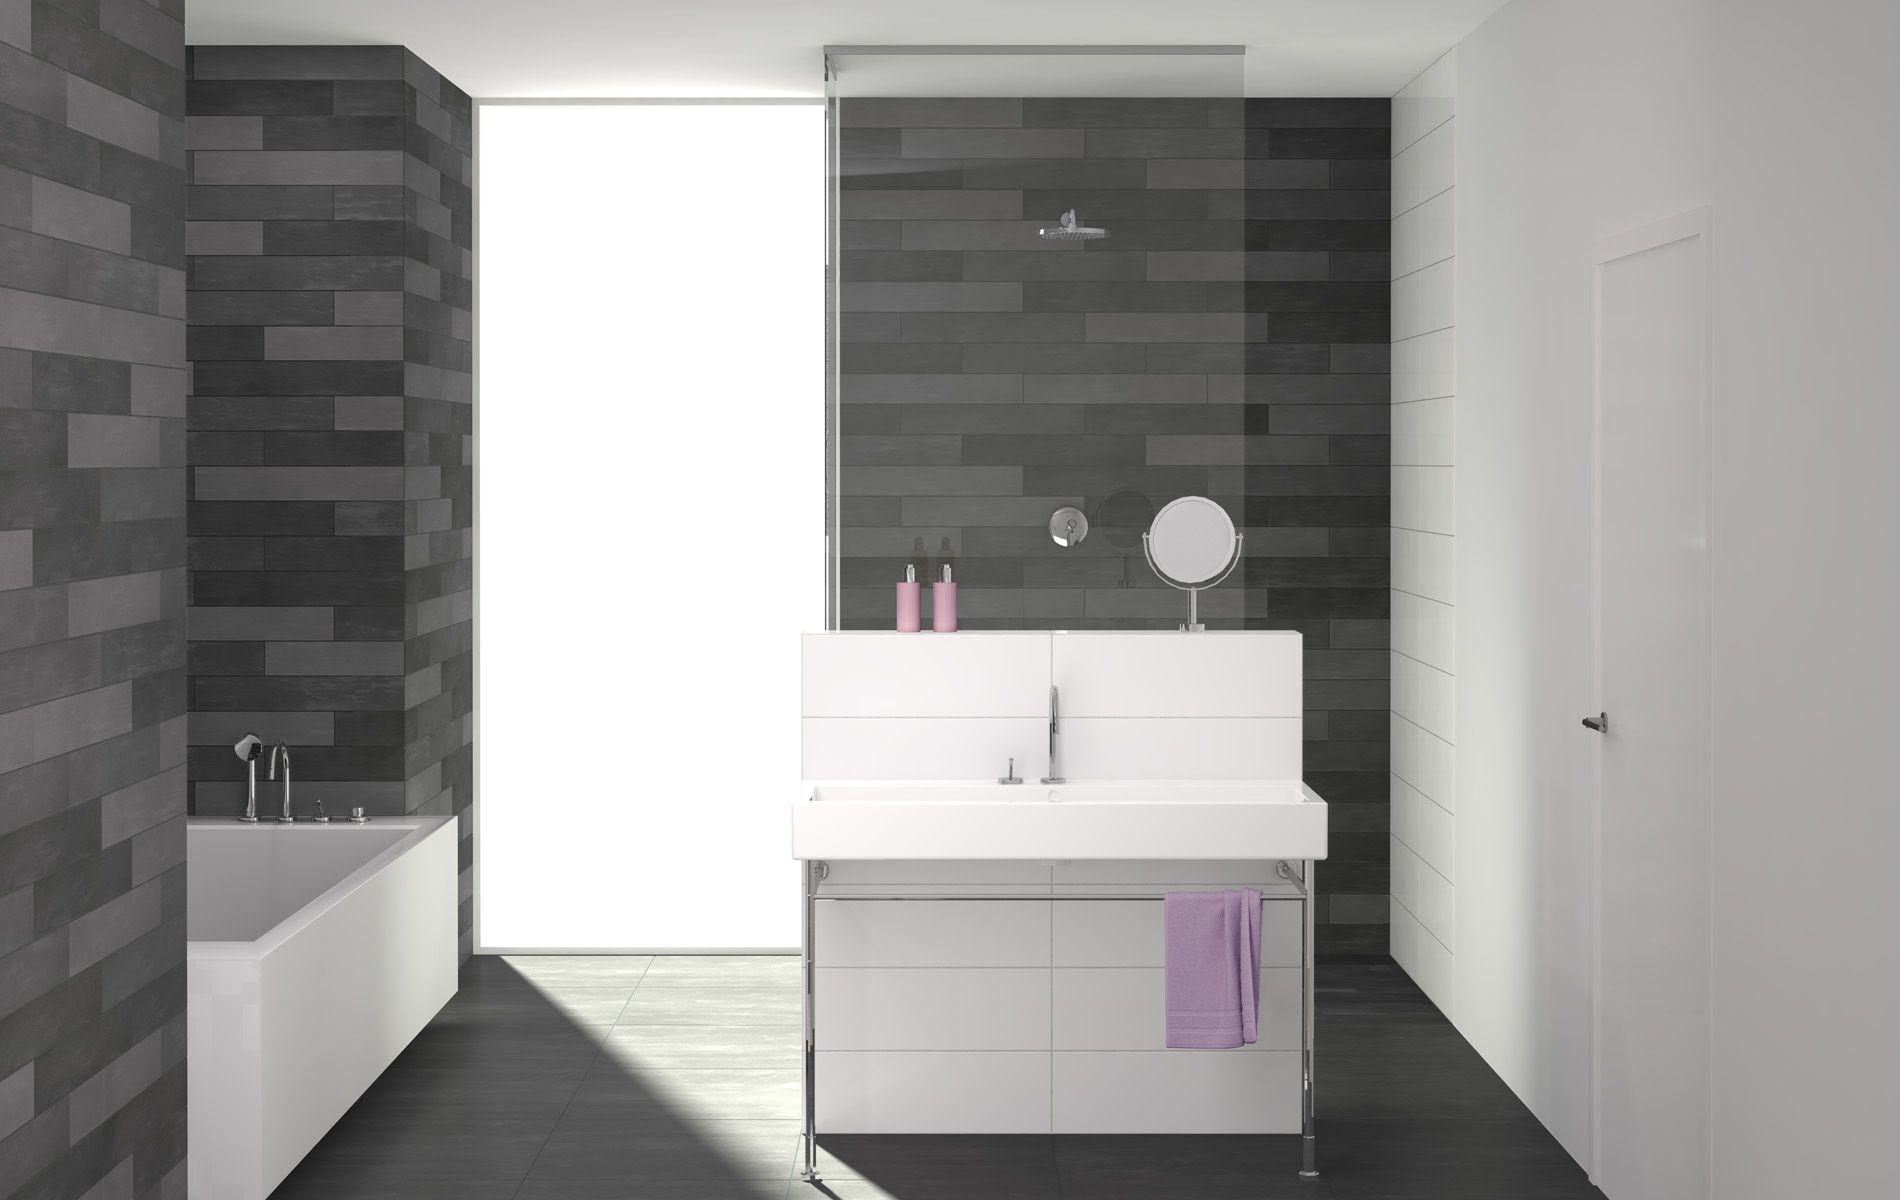 mosa terra tones badkamer pinterest